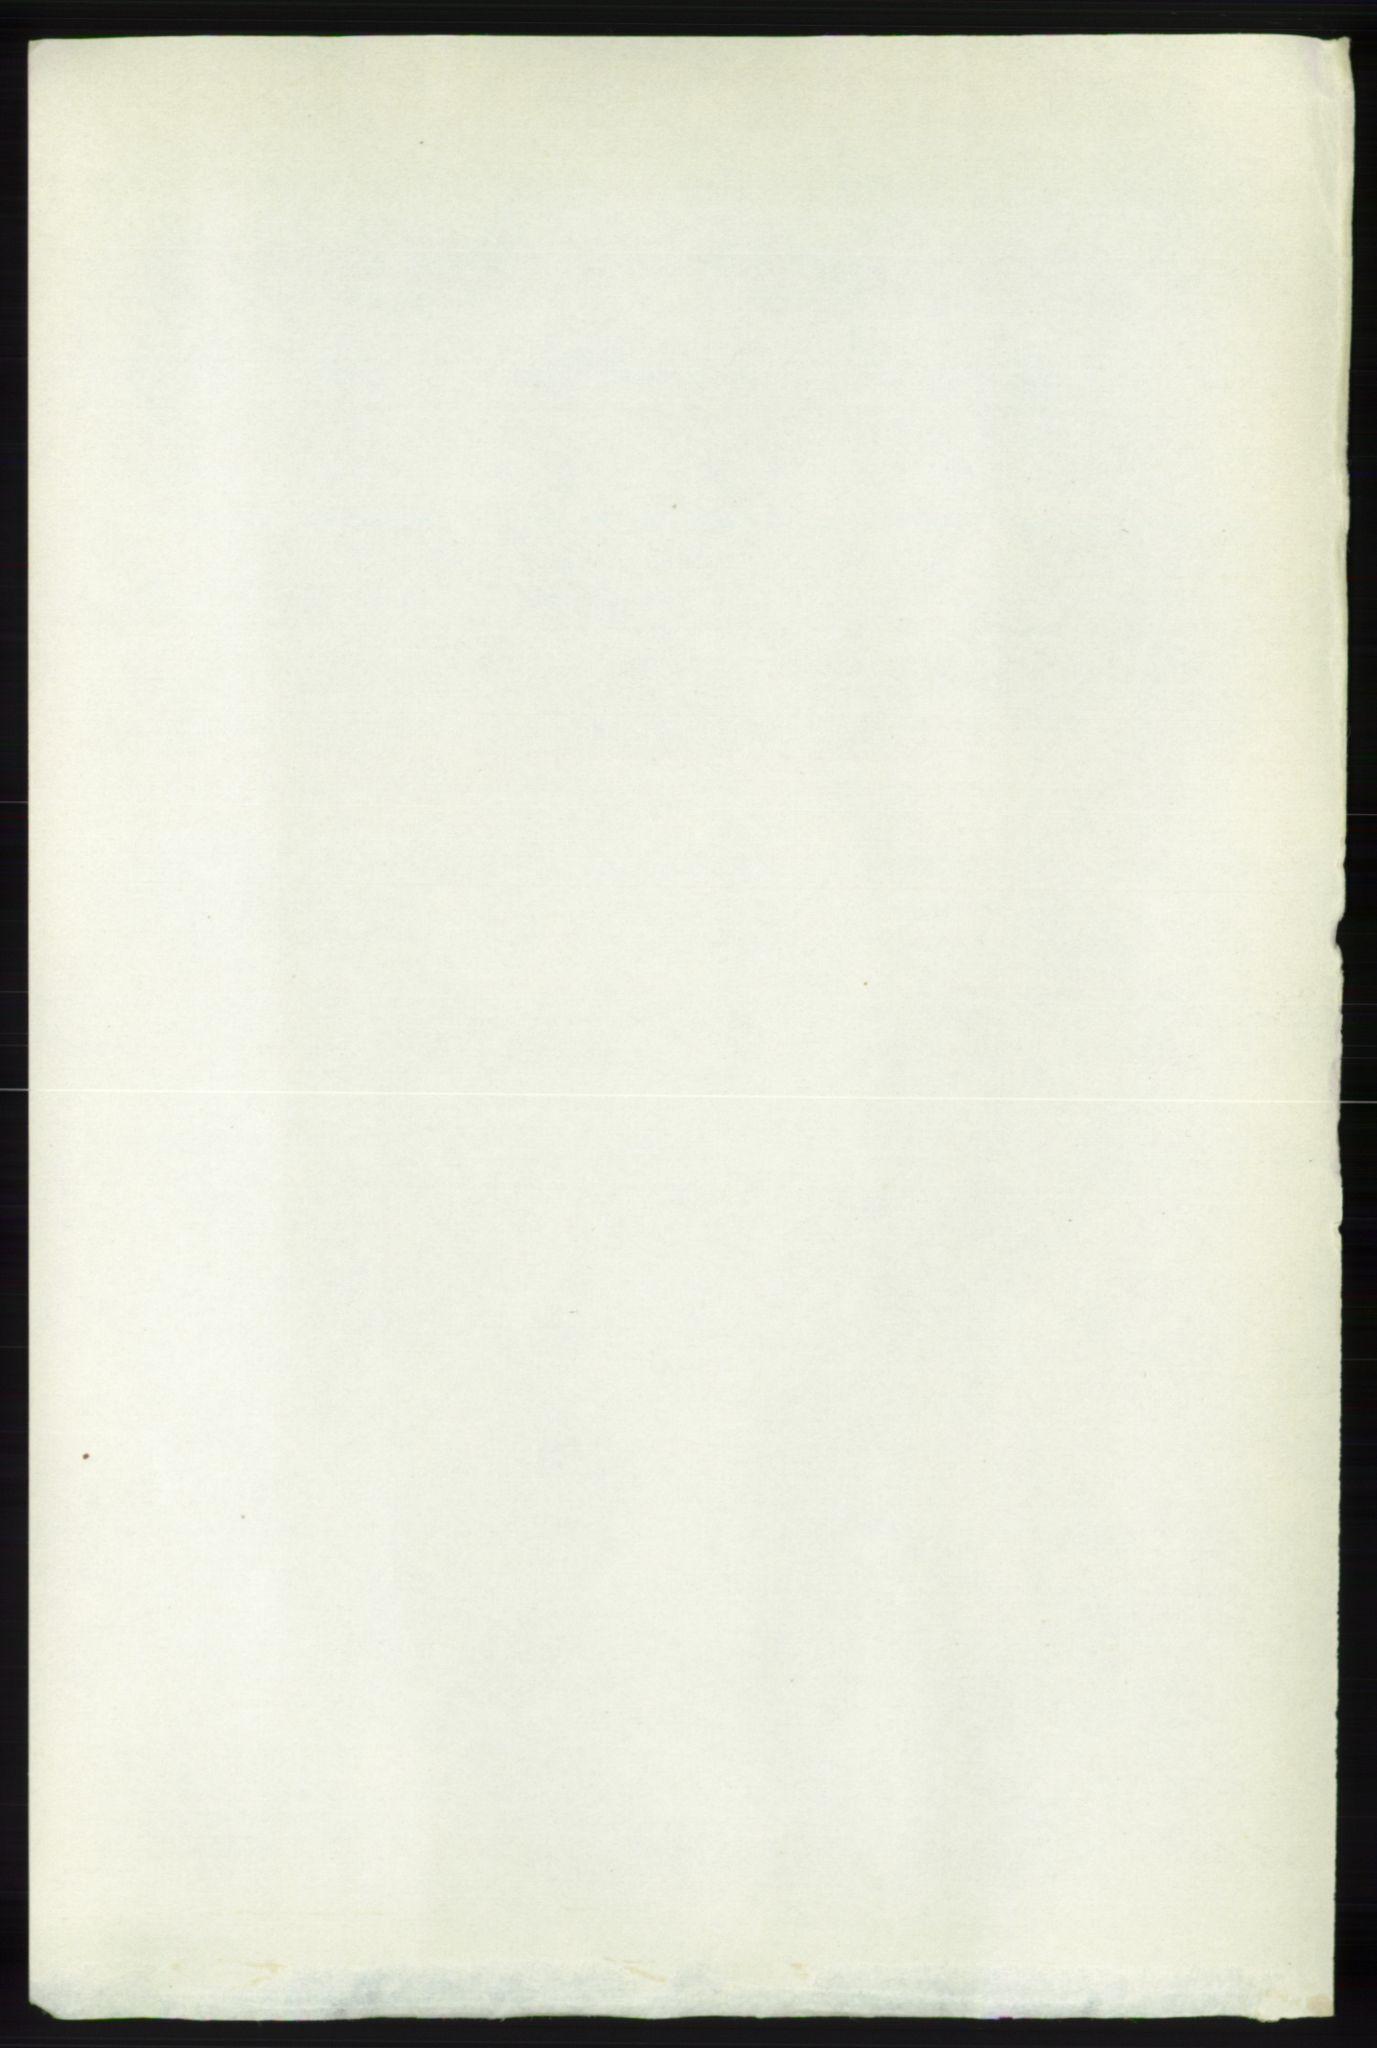 RA, Folketelling 1891 for 1226 Strandebarm og Varaldsøy herred, 1891, s. 2402